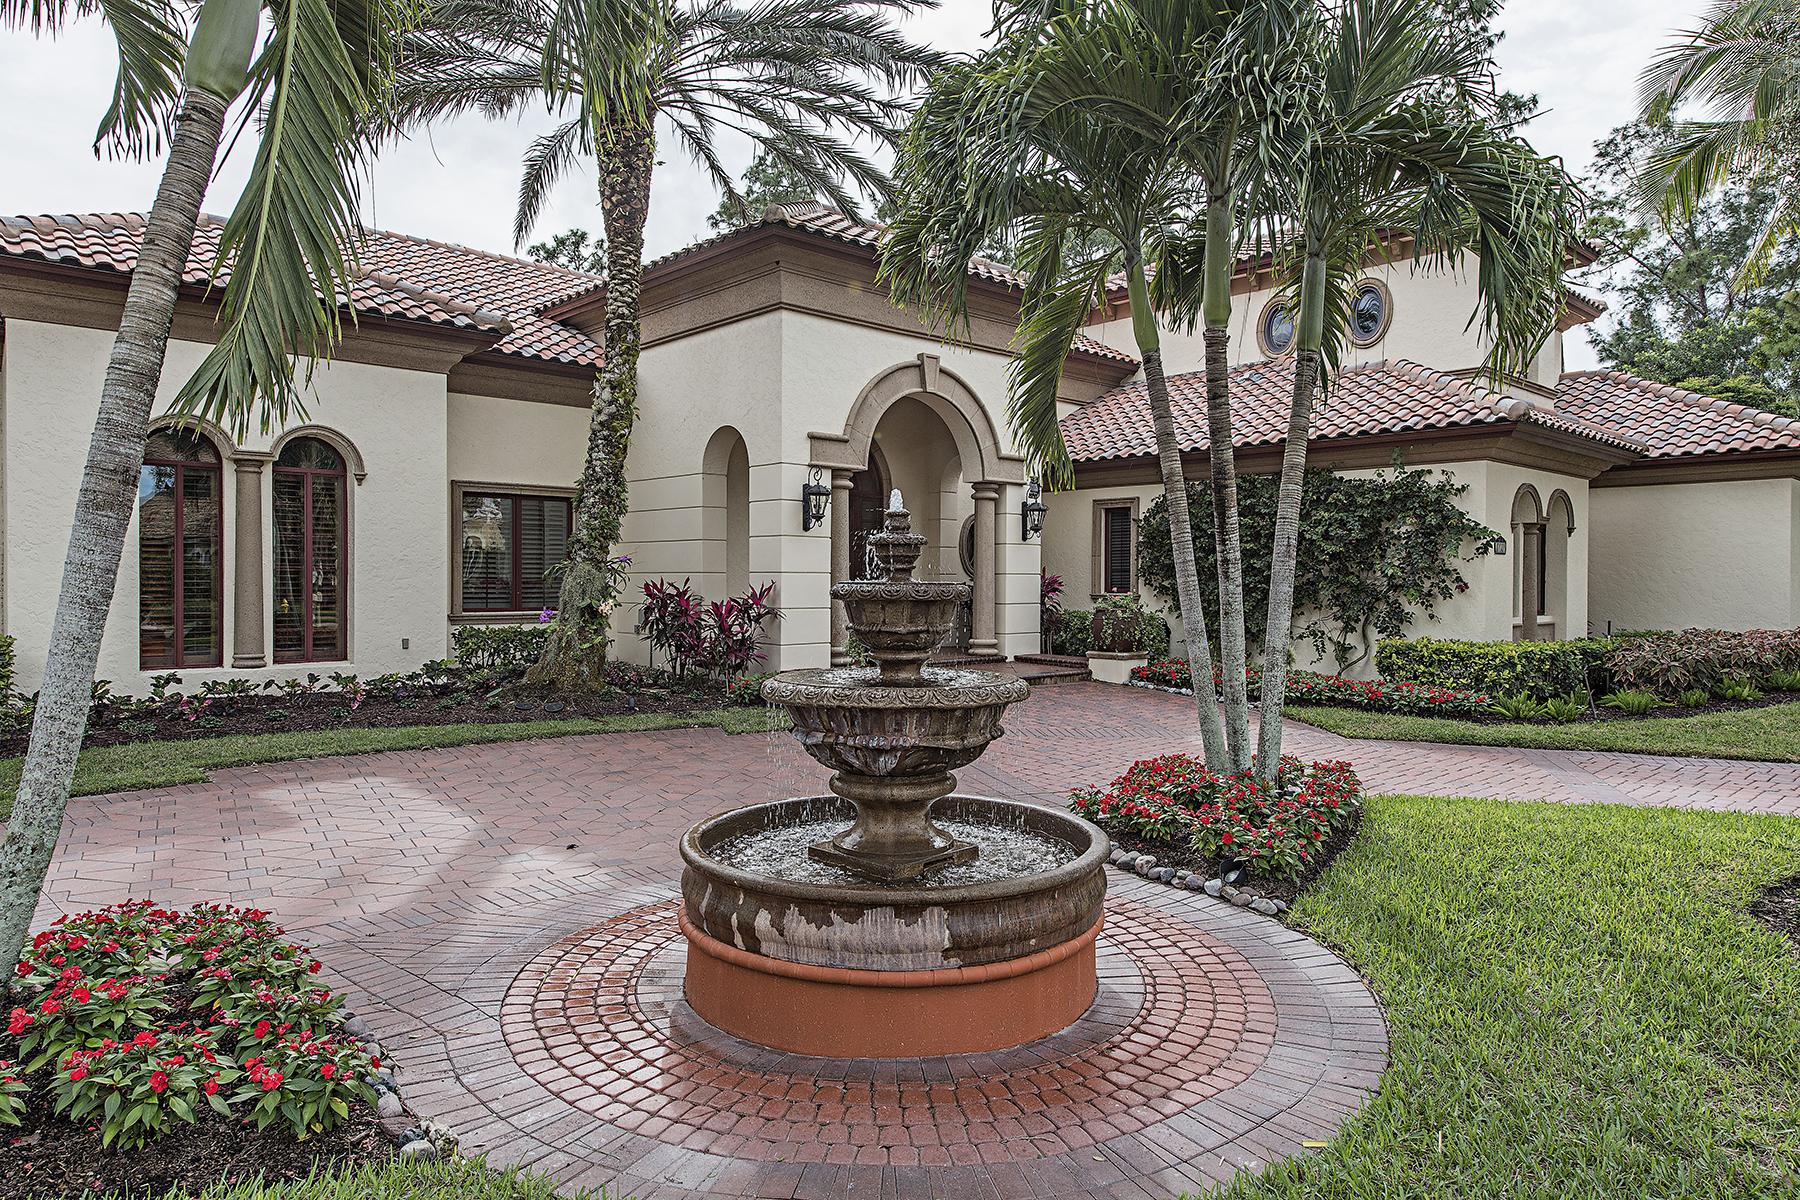 Casa para uma família para Venda às PELICAN MARSH - BAY LAUREL ESTATES 8727 Purslane Dr Naples, Florida, 34109 Estados Unidos